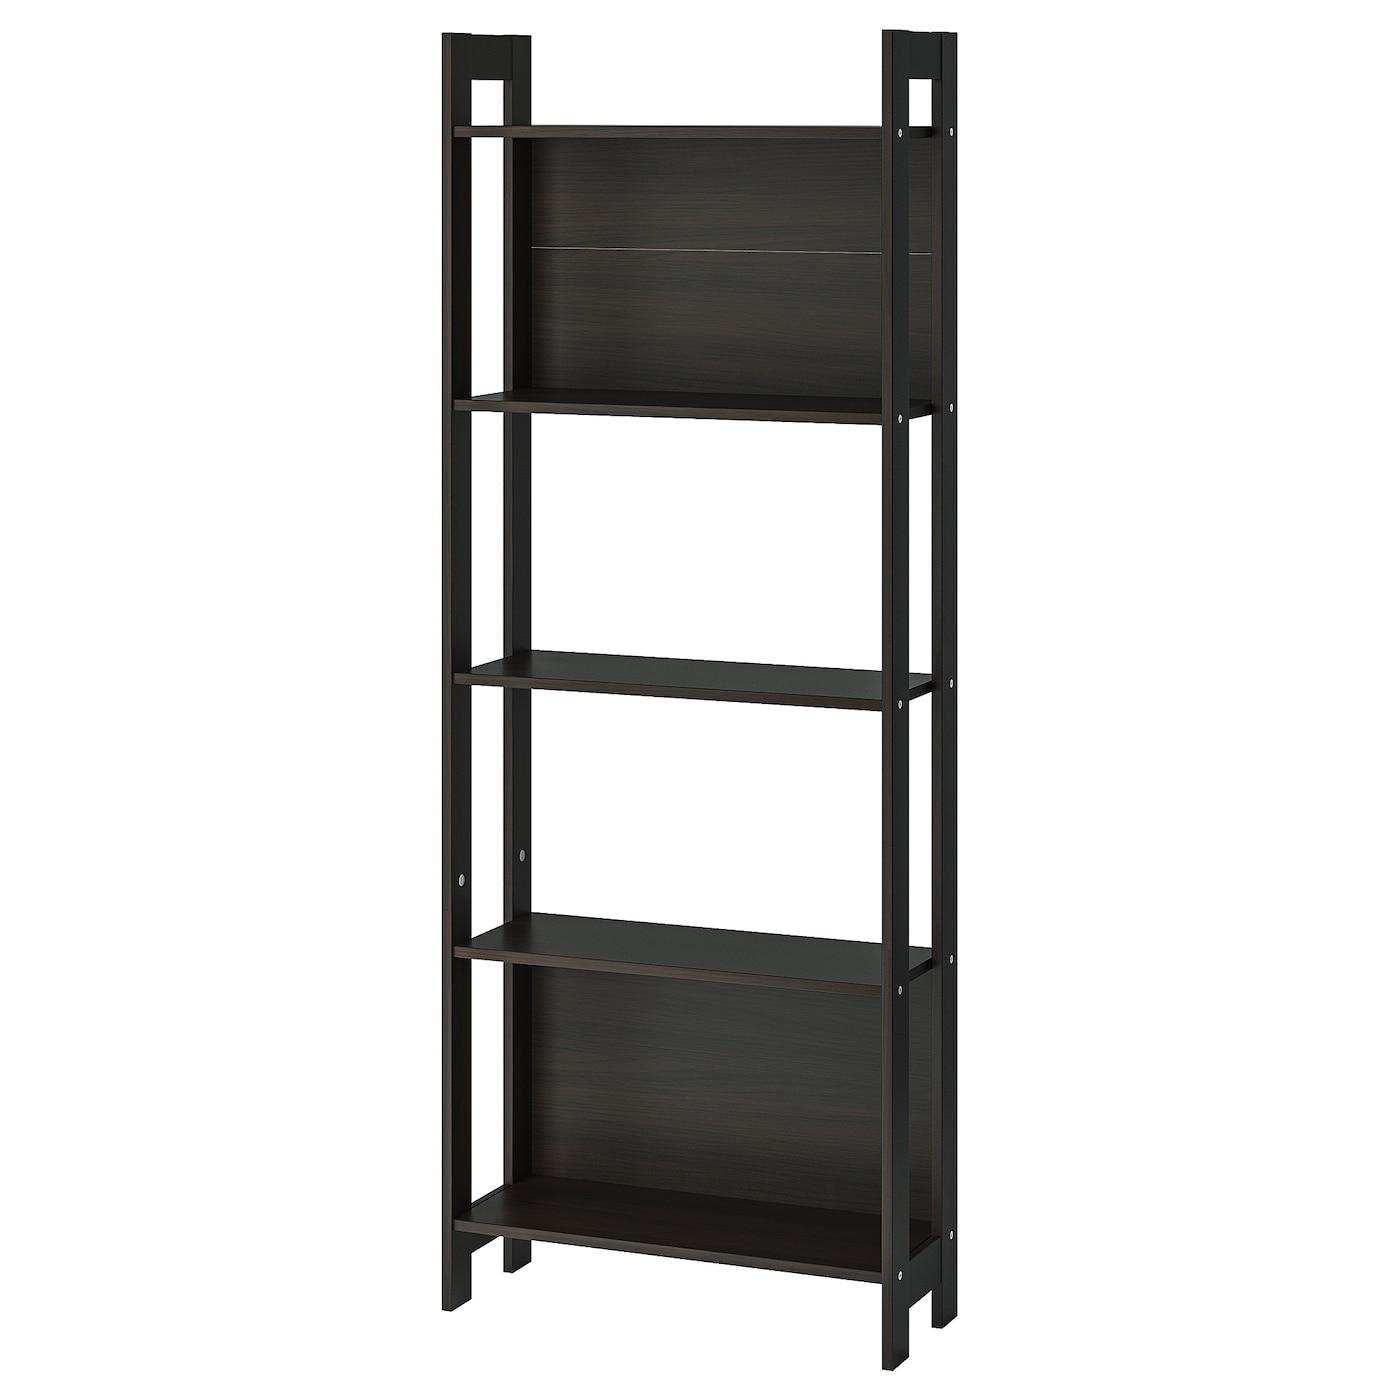 Laiva Bookcase Black Brown 24 3 8x65 Ikea